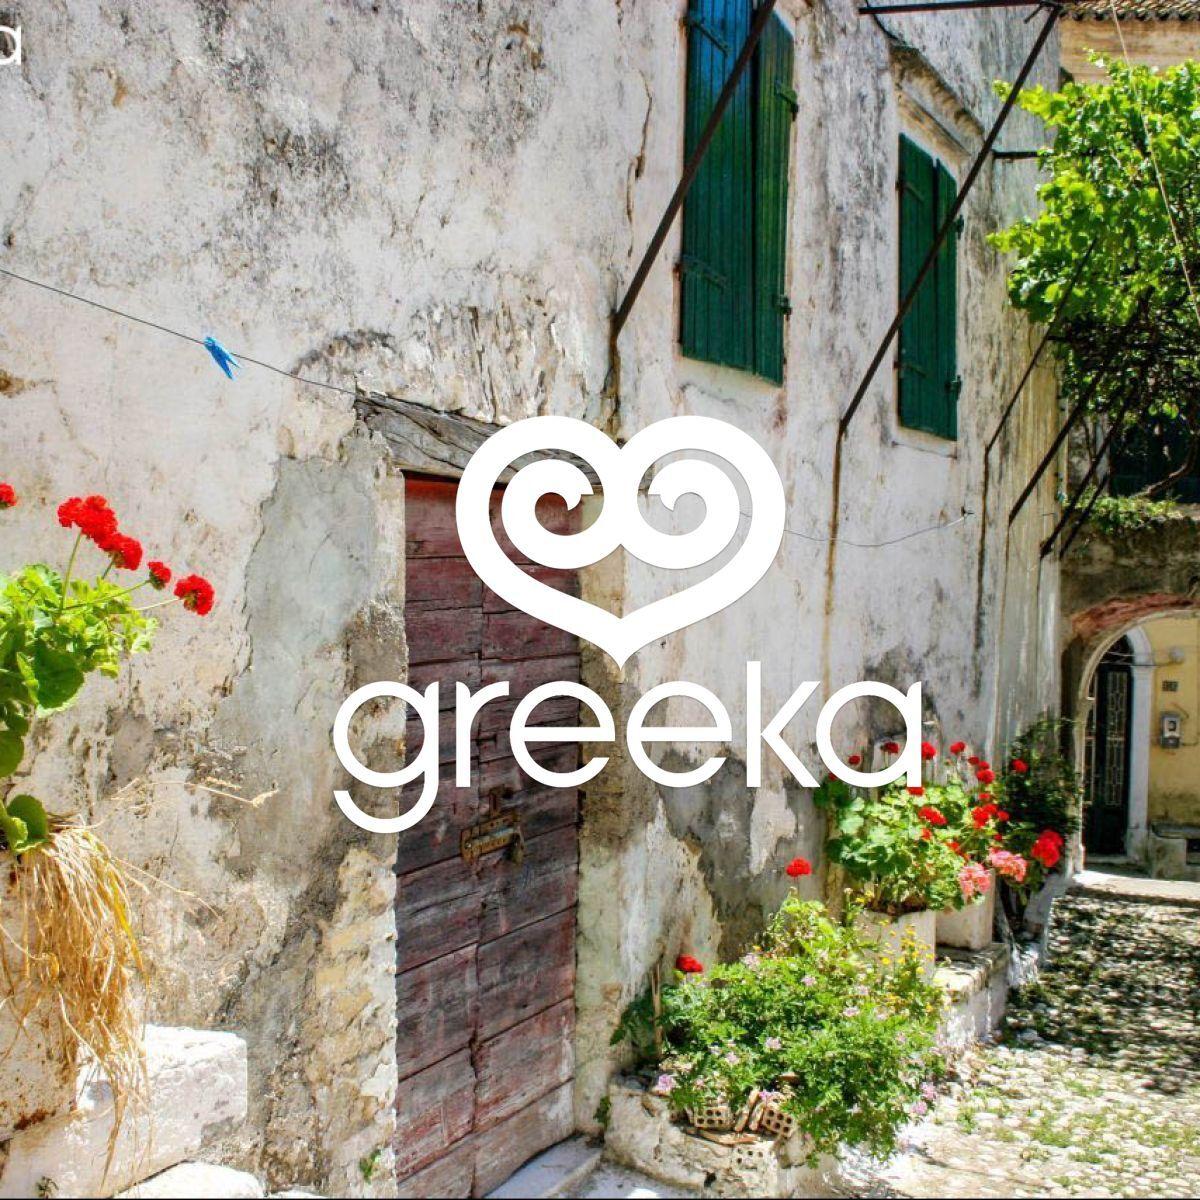 www.greeka.com